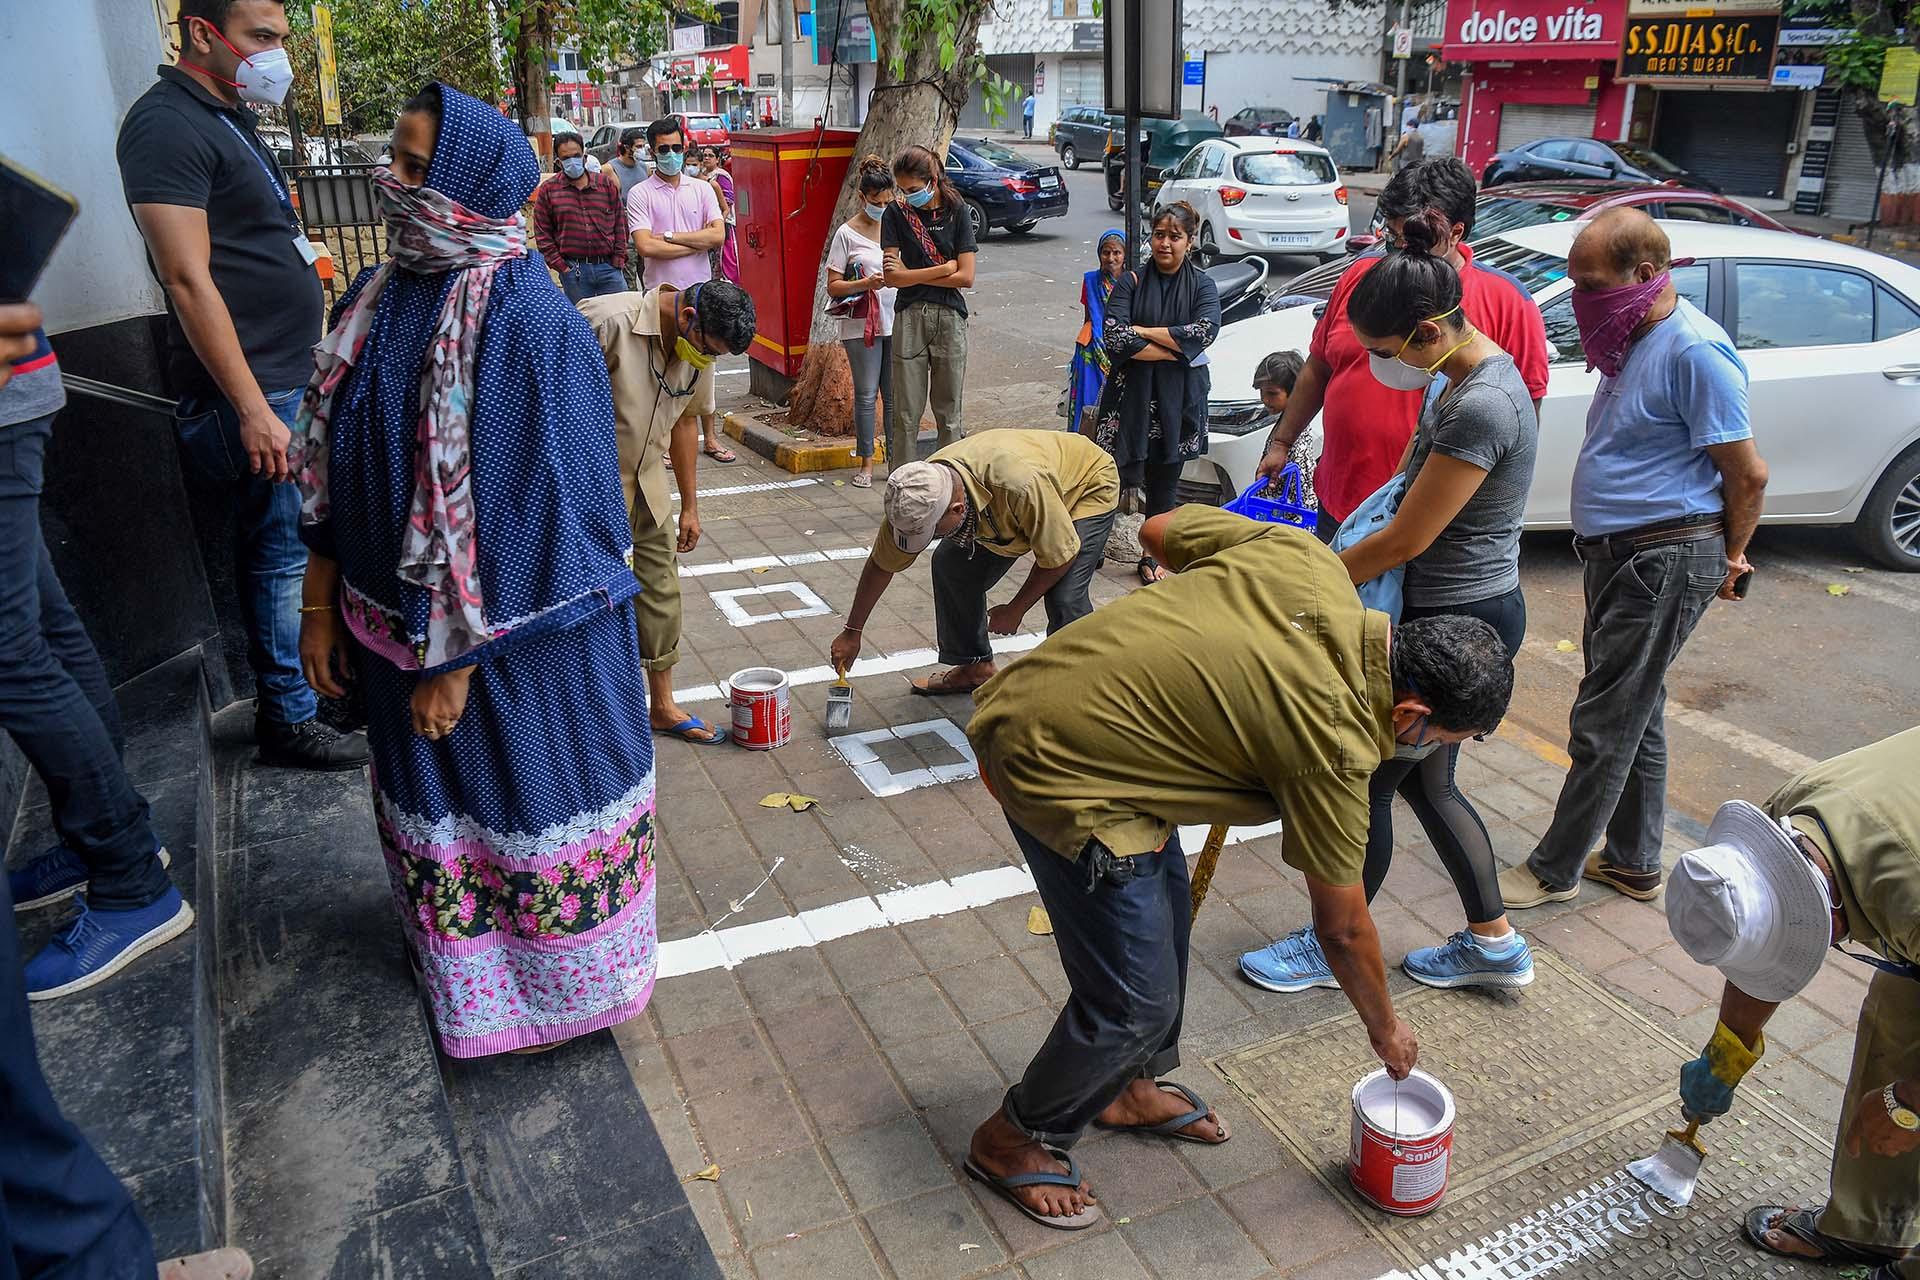 Trabajadores municipales pintan lineas en el suelo para mantener la distancia social frente a una tienda en Mumbai, India.